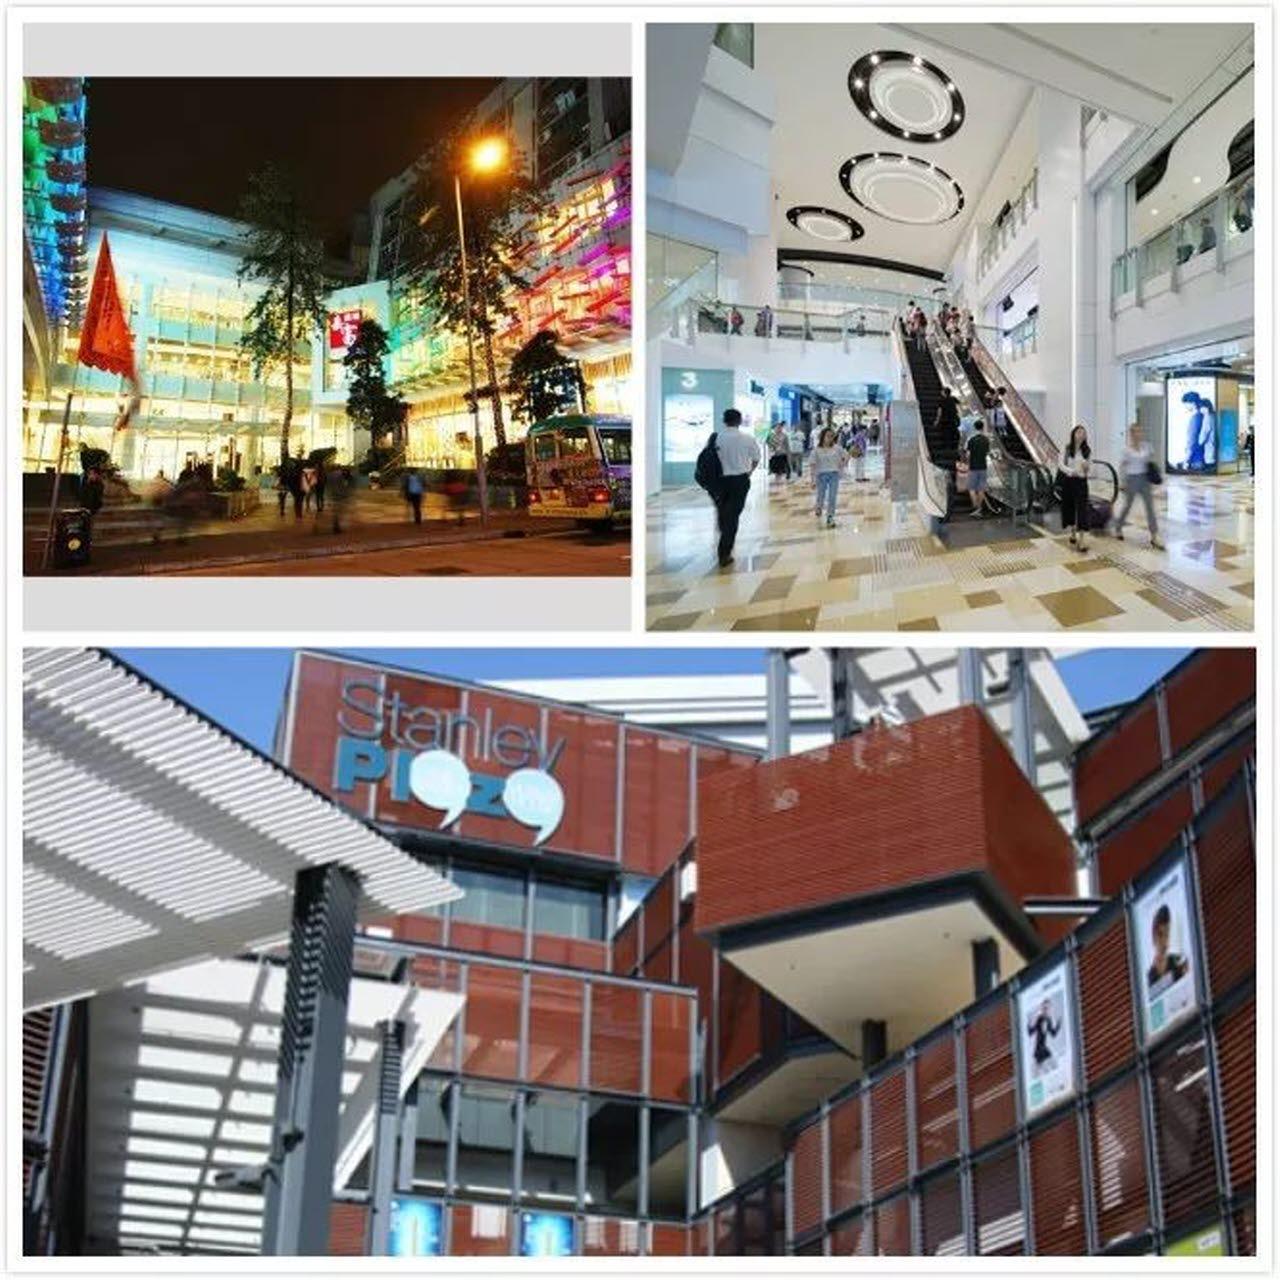 tianjin-world-urban-economic-summit-2